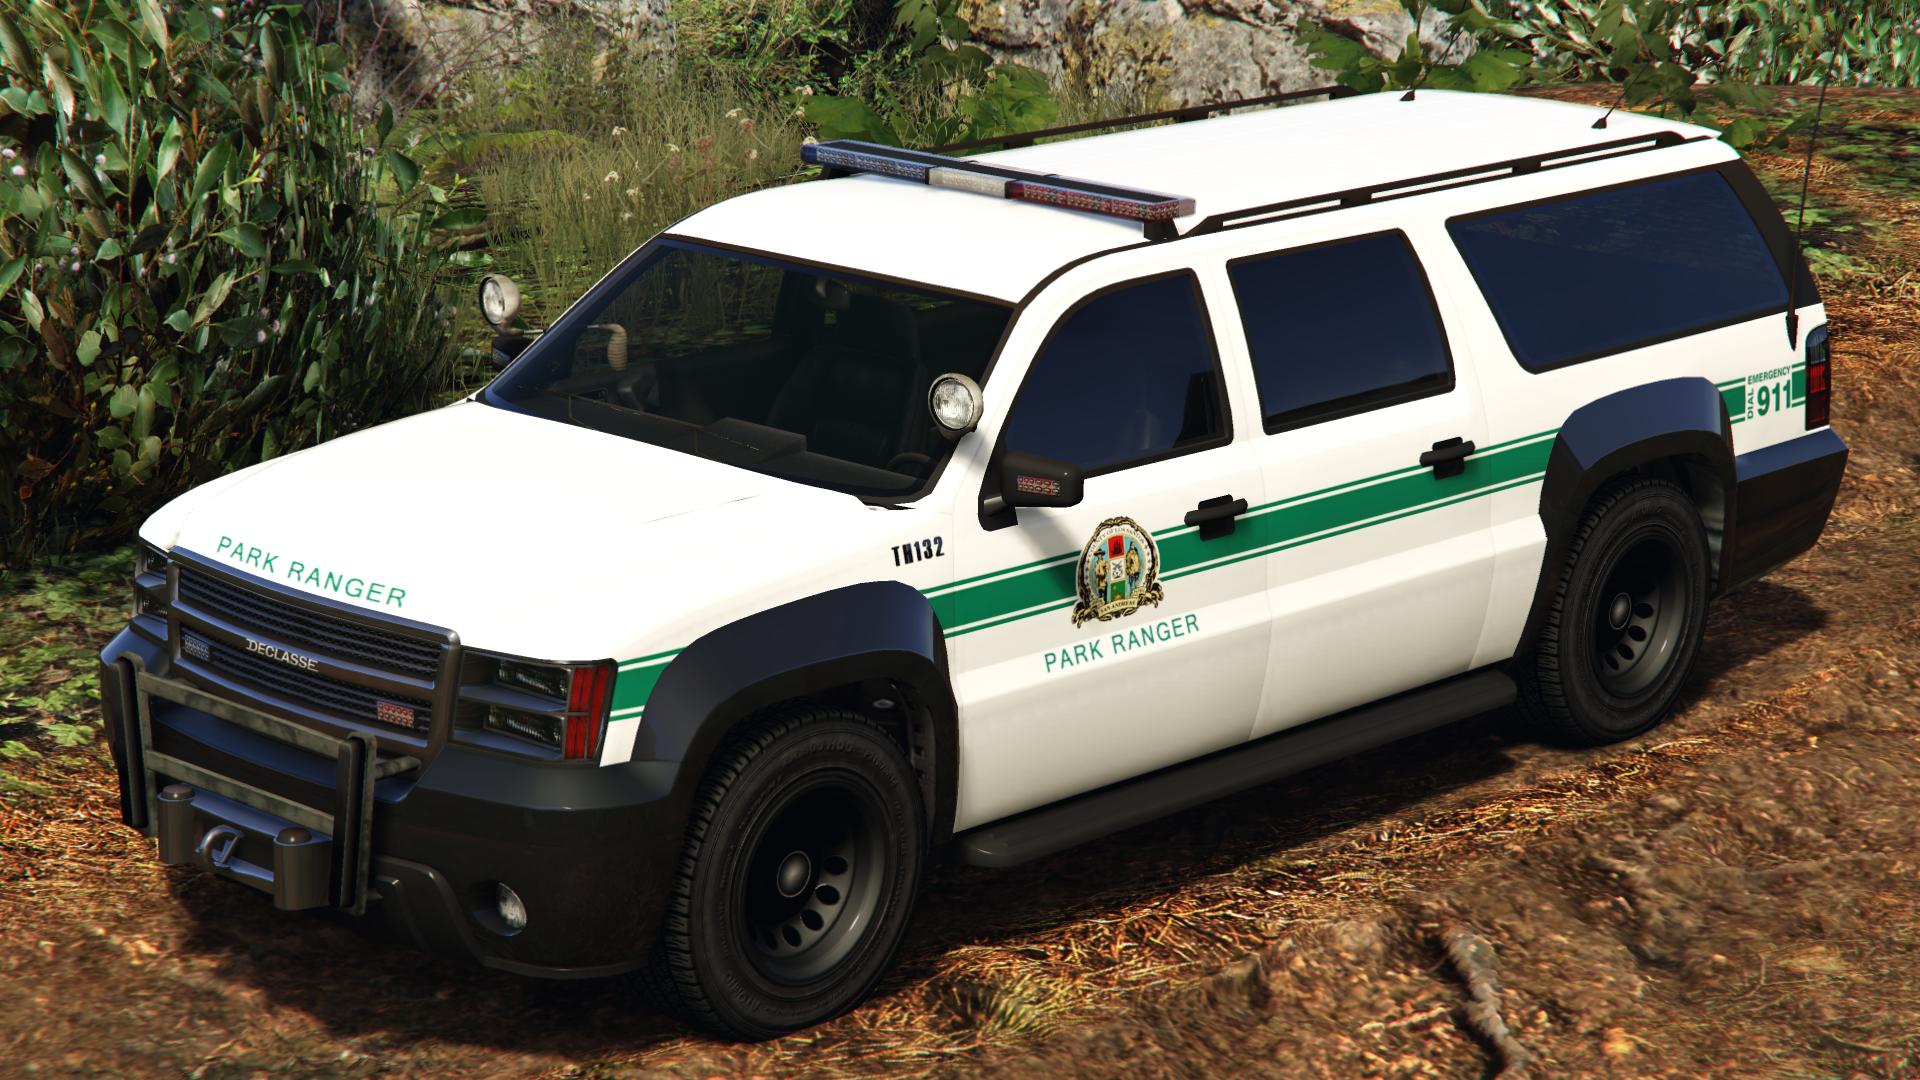 《GTA》系列执法力量简介:圣安地列斯国家公园巡守员插图5